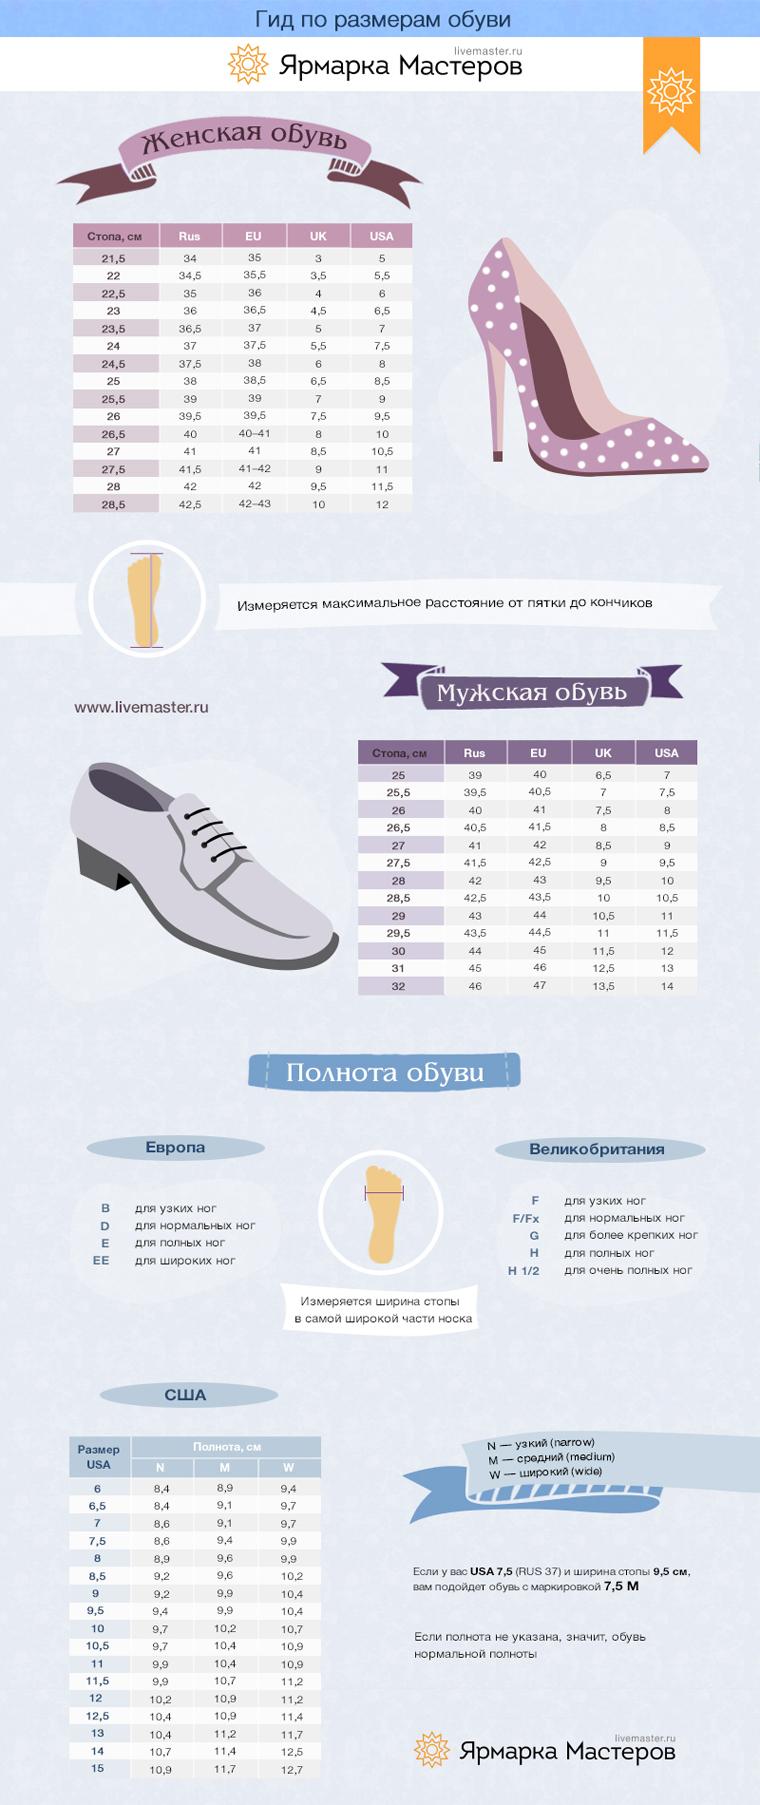 04ee8b62f Гид по размерам обуви – Ярмарка Мастеров